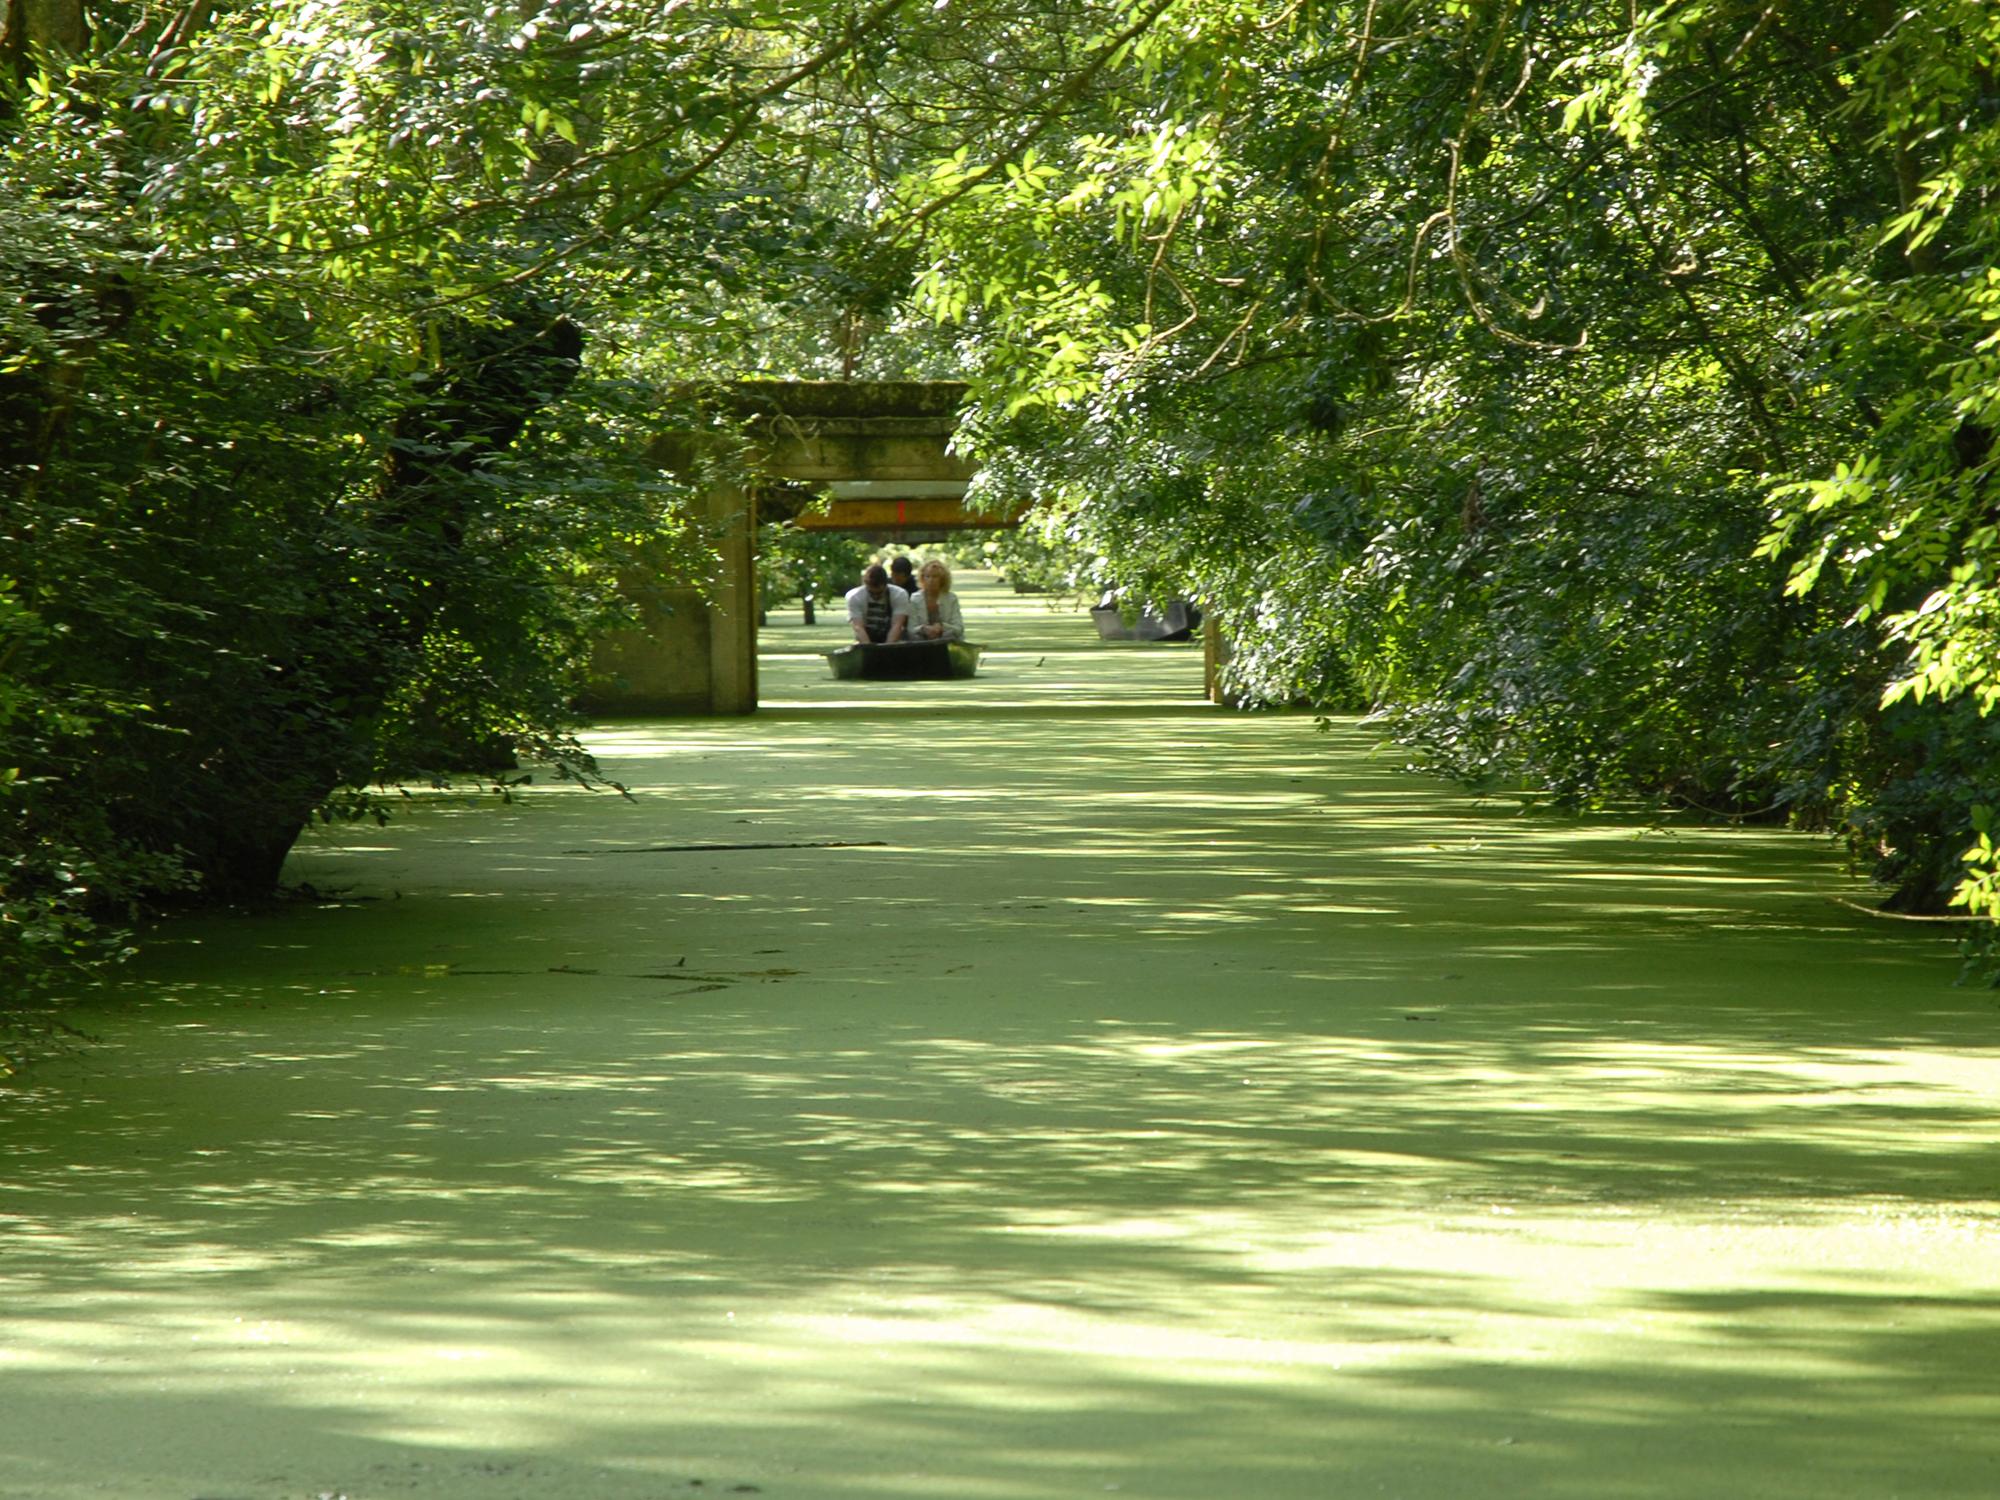 Walk in the marsh Poitevin in France